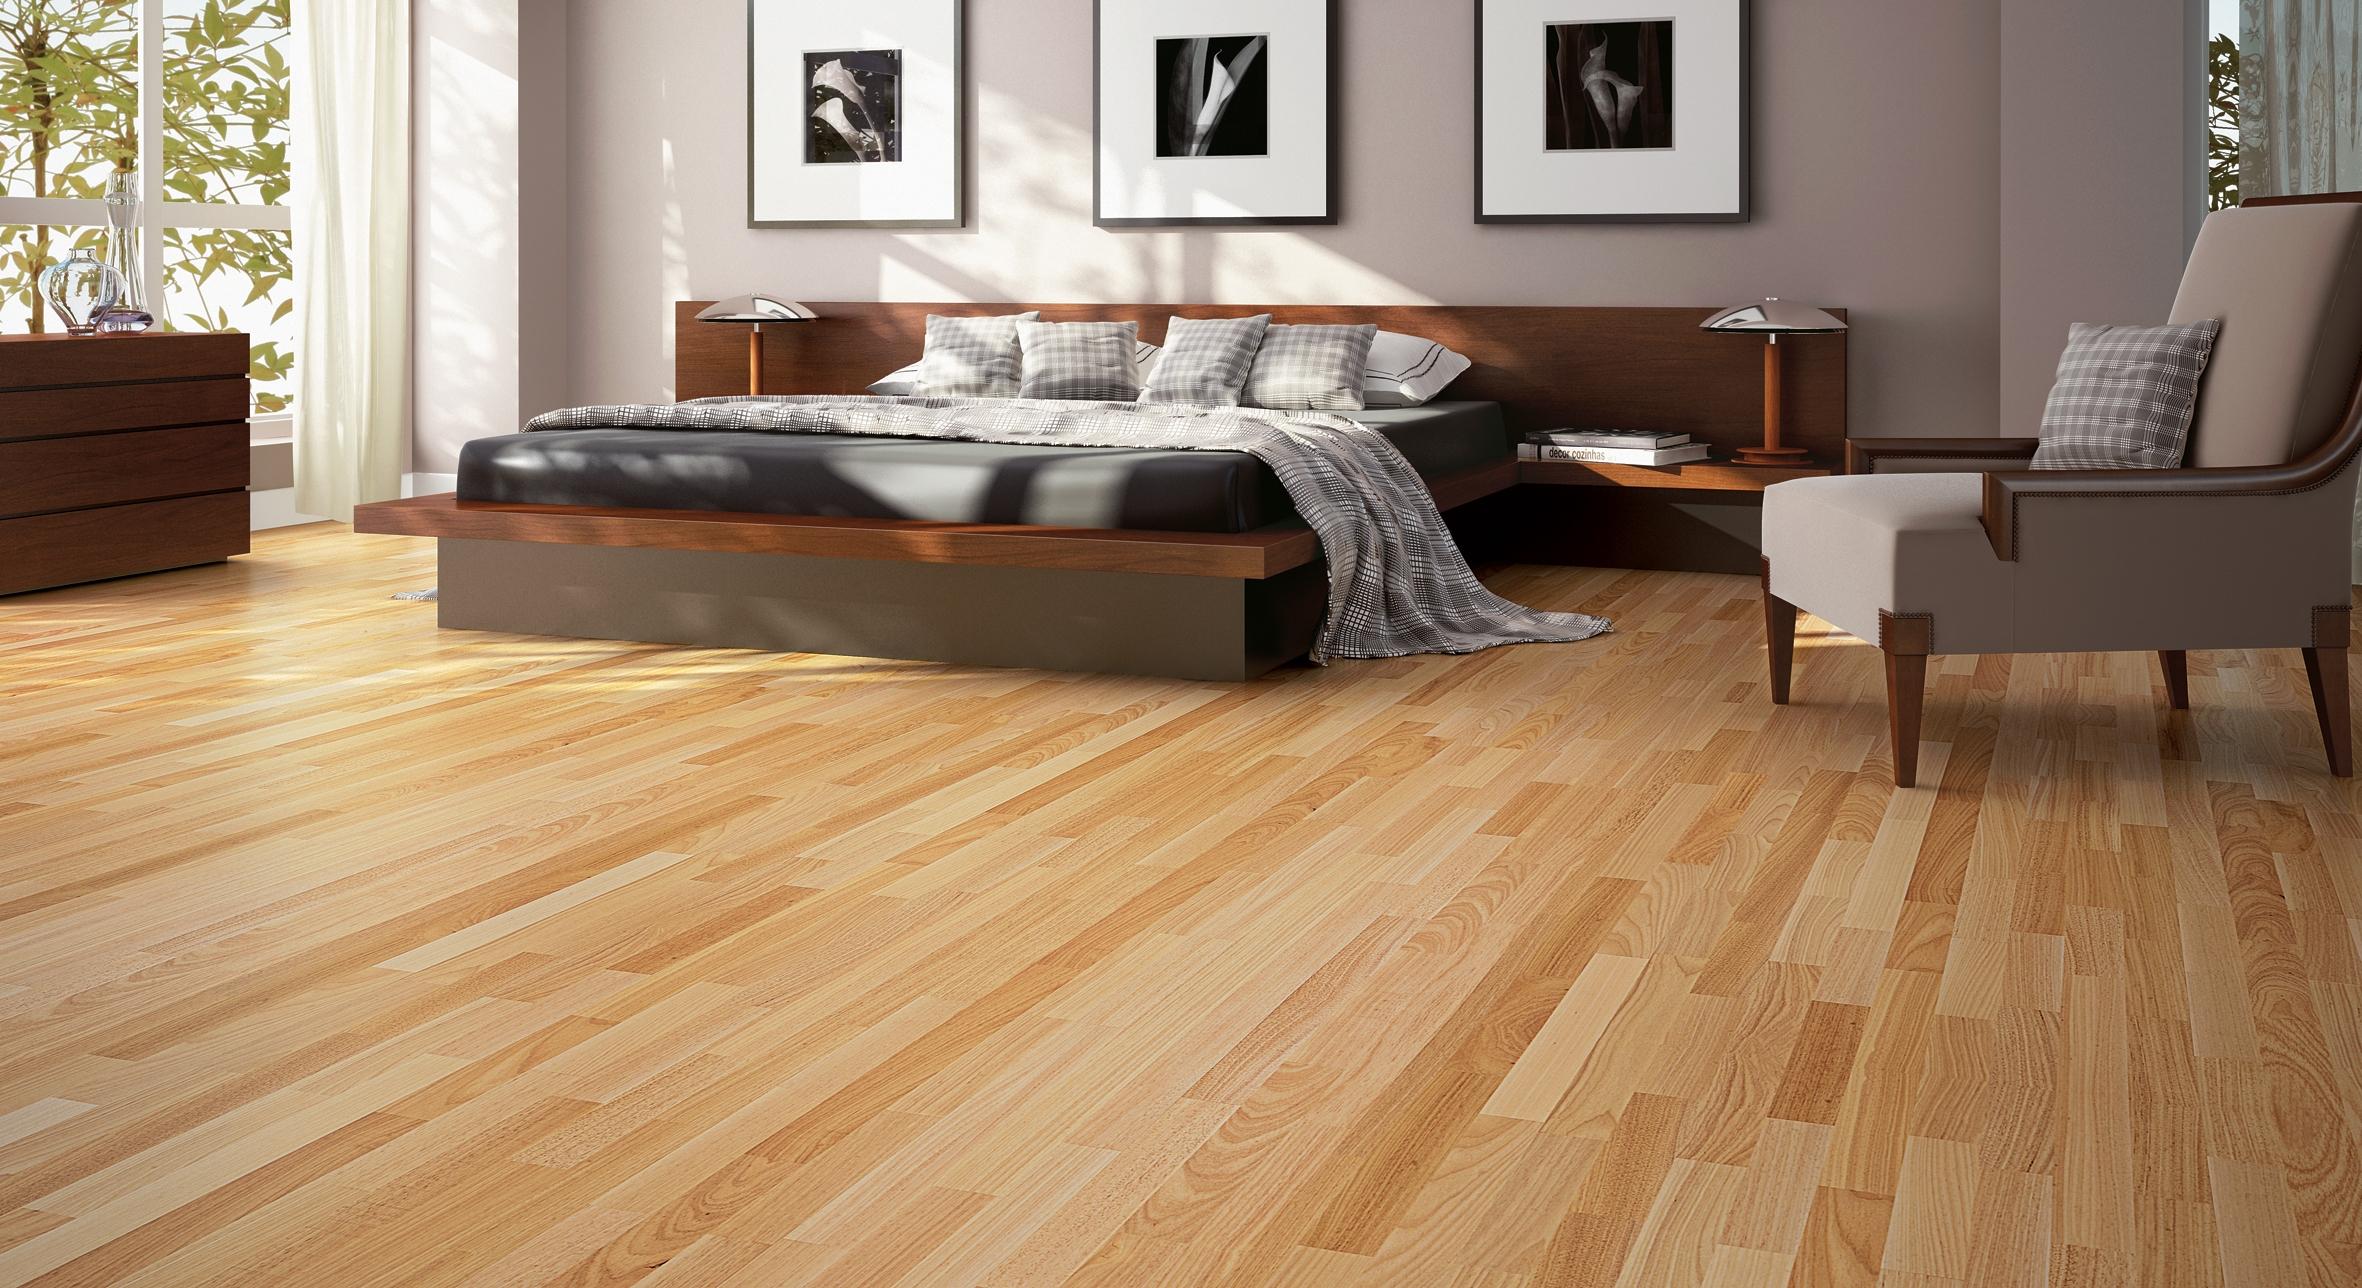 Dicas e fotos de pisos de madeira pre os decorando casas for Pisos de inmobiliarias